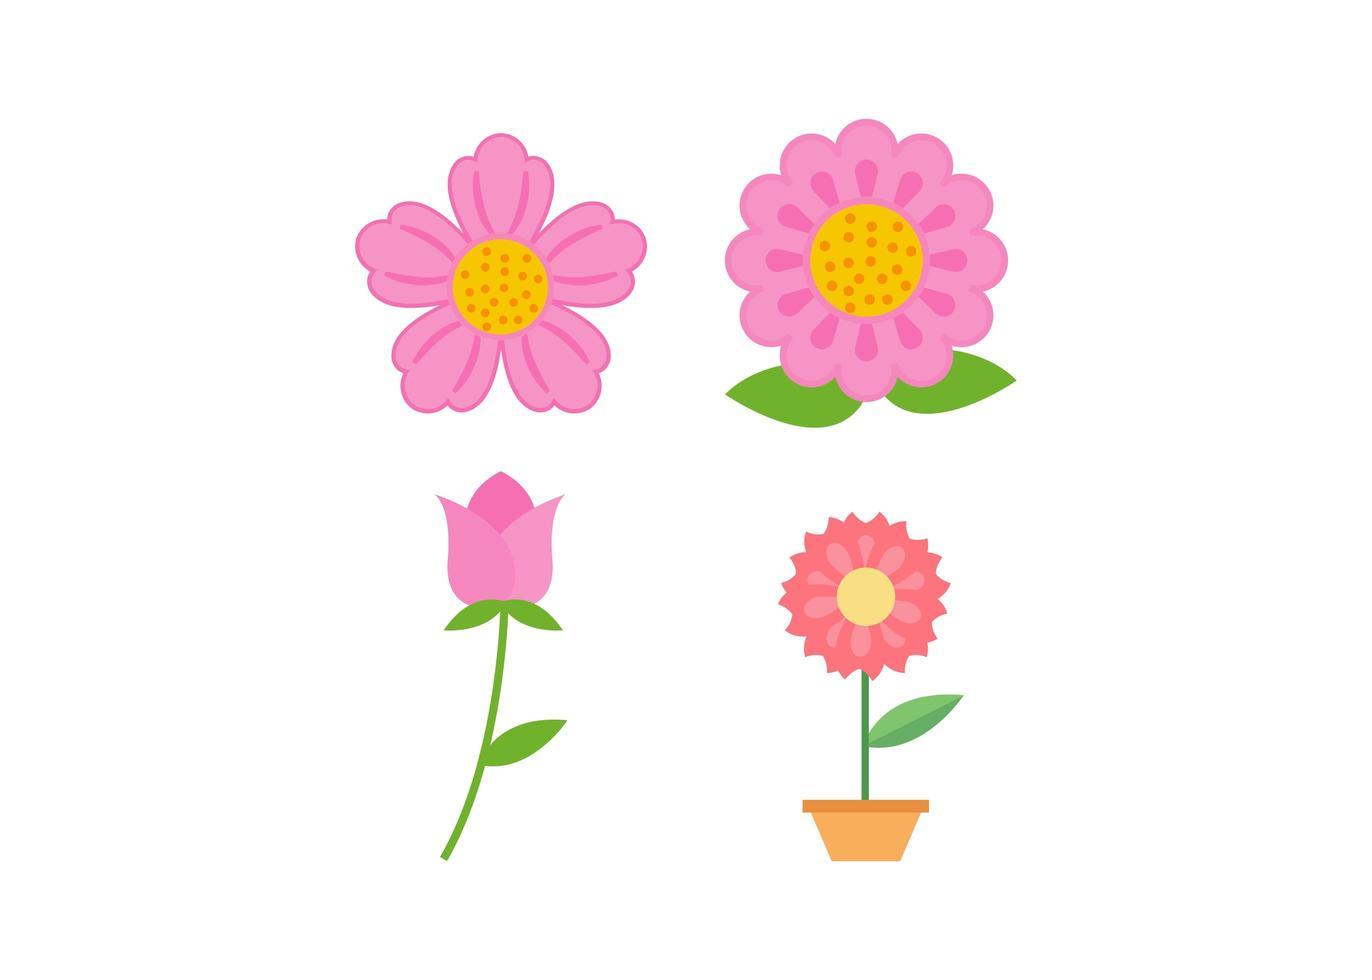 bloem pictogram ontwerpset vector